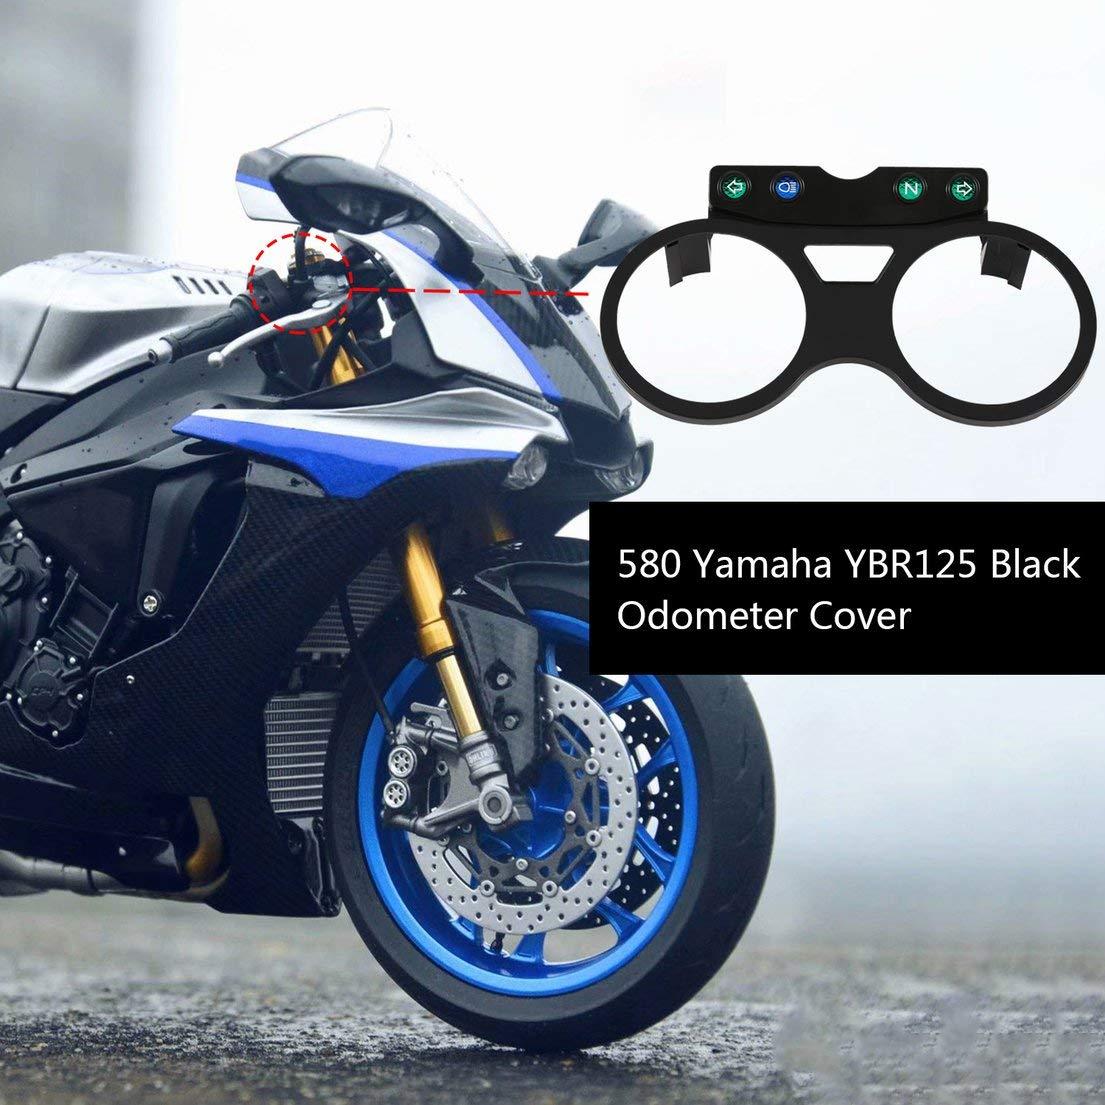 couleur: Noir DF-FR Compteur de vitesse moto Compteur kilom/étrique inf/érieur Couvercle de compteur inf/érieur pour Yamaha Ybr 125 Ed 2005-2009 Abs Plastic